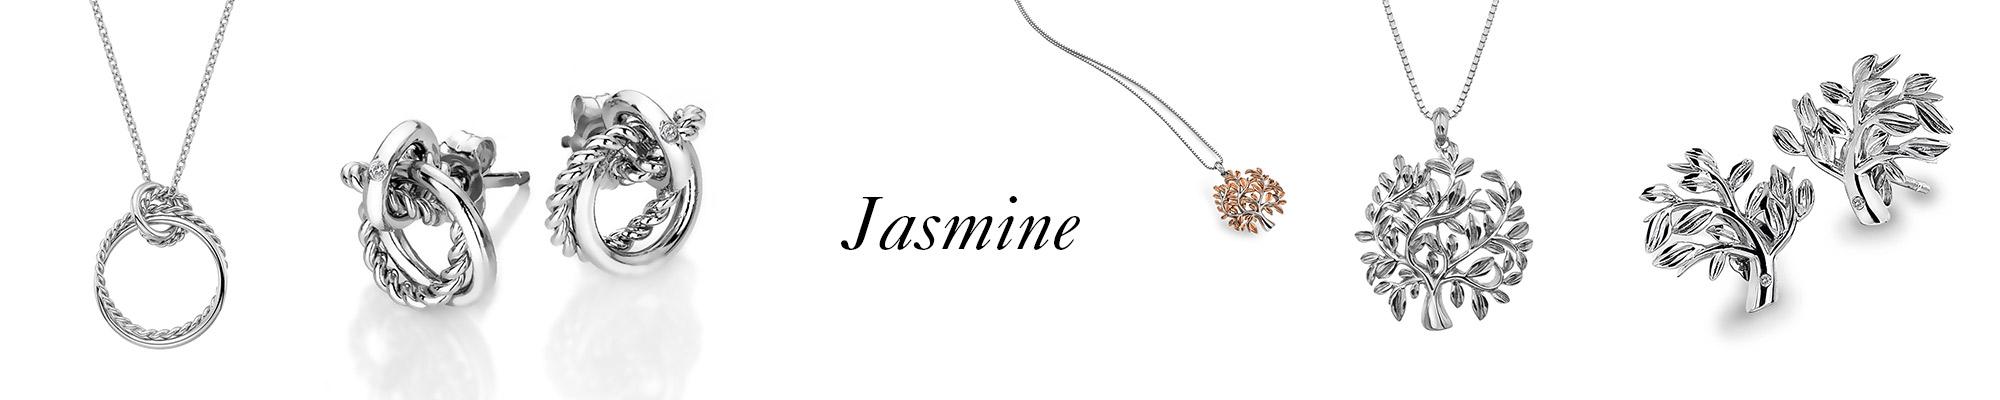 kolekce Jasmine